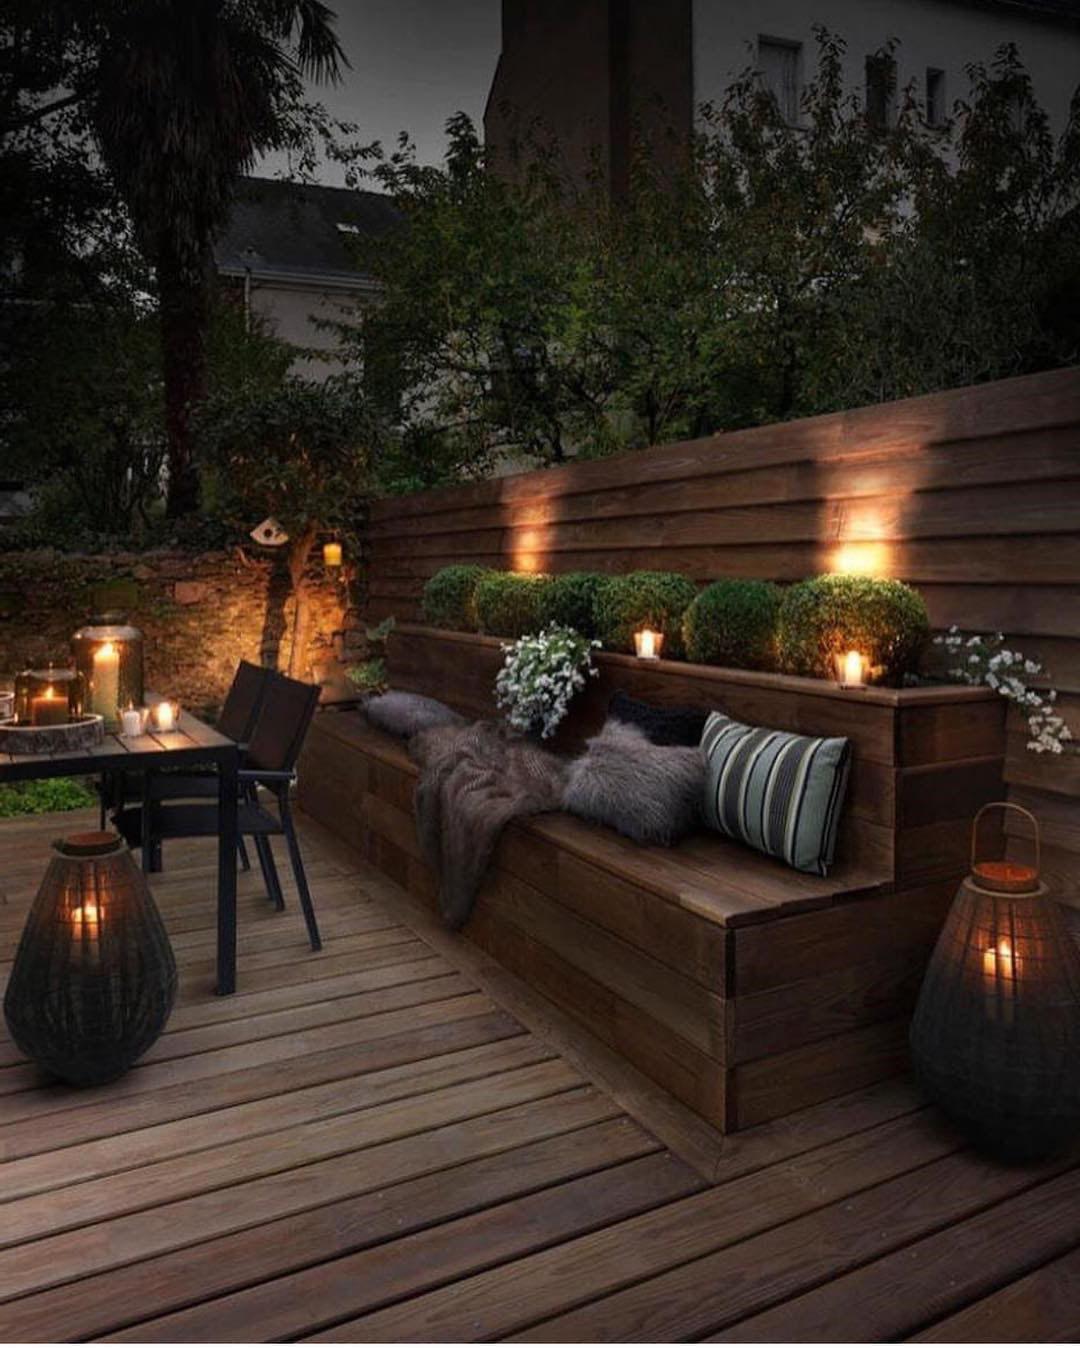 Aménagement Terrasse : 26 Idées, Conseils, Photos Et Astuces destiné Amenager Une Grande Terrasse